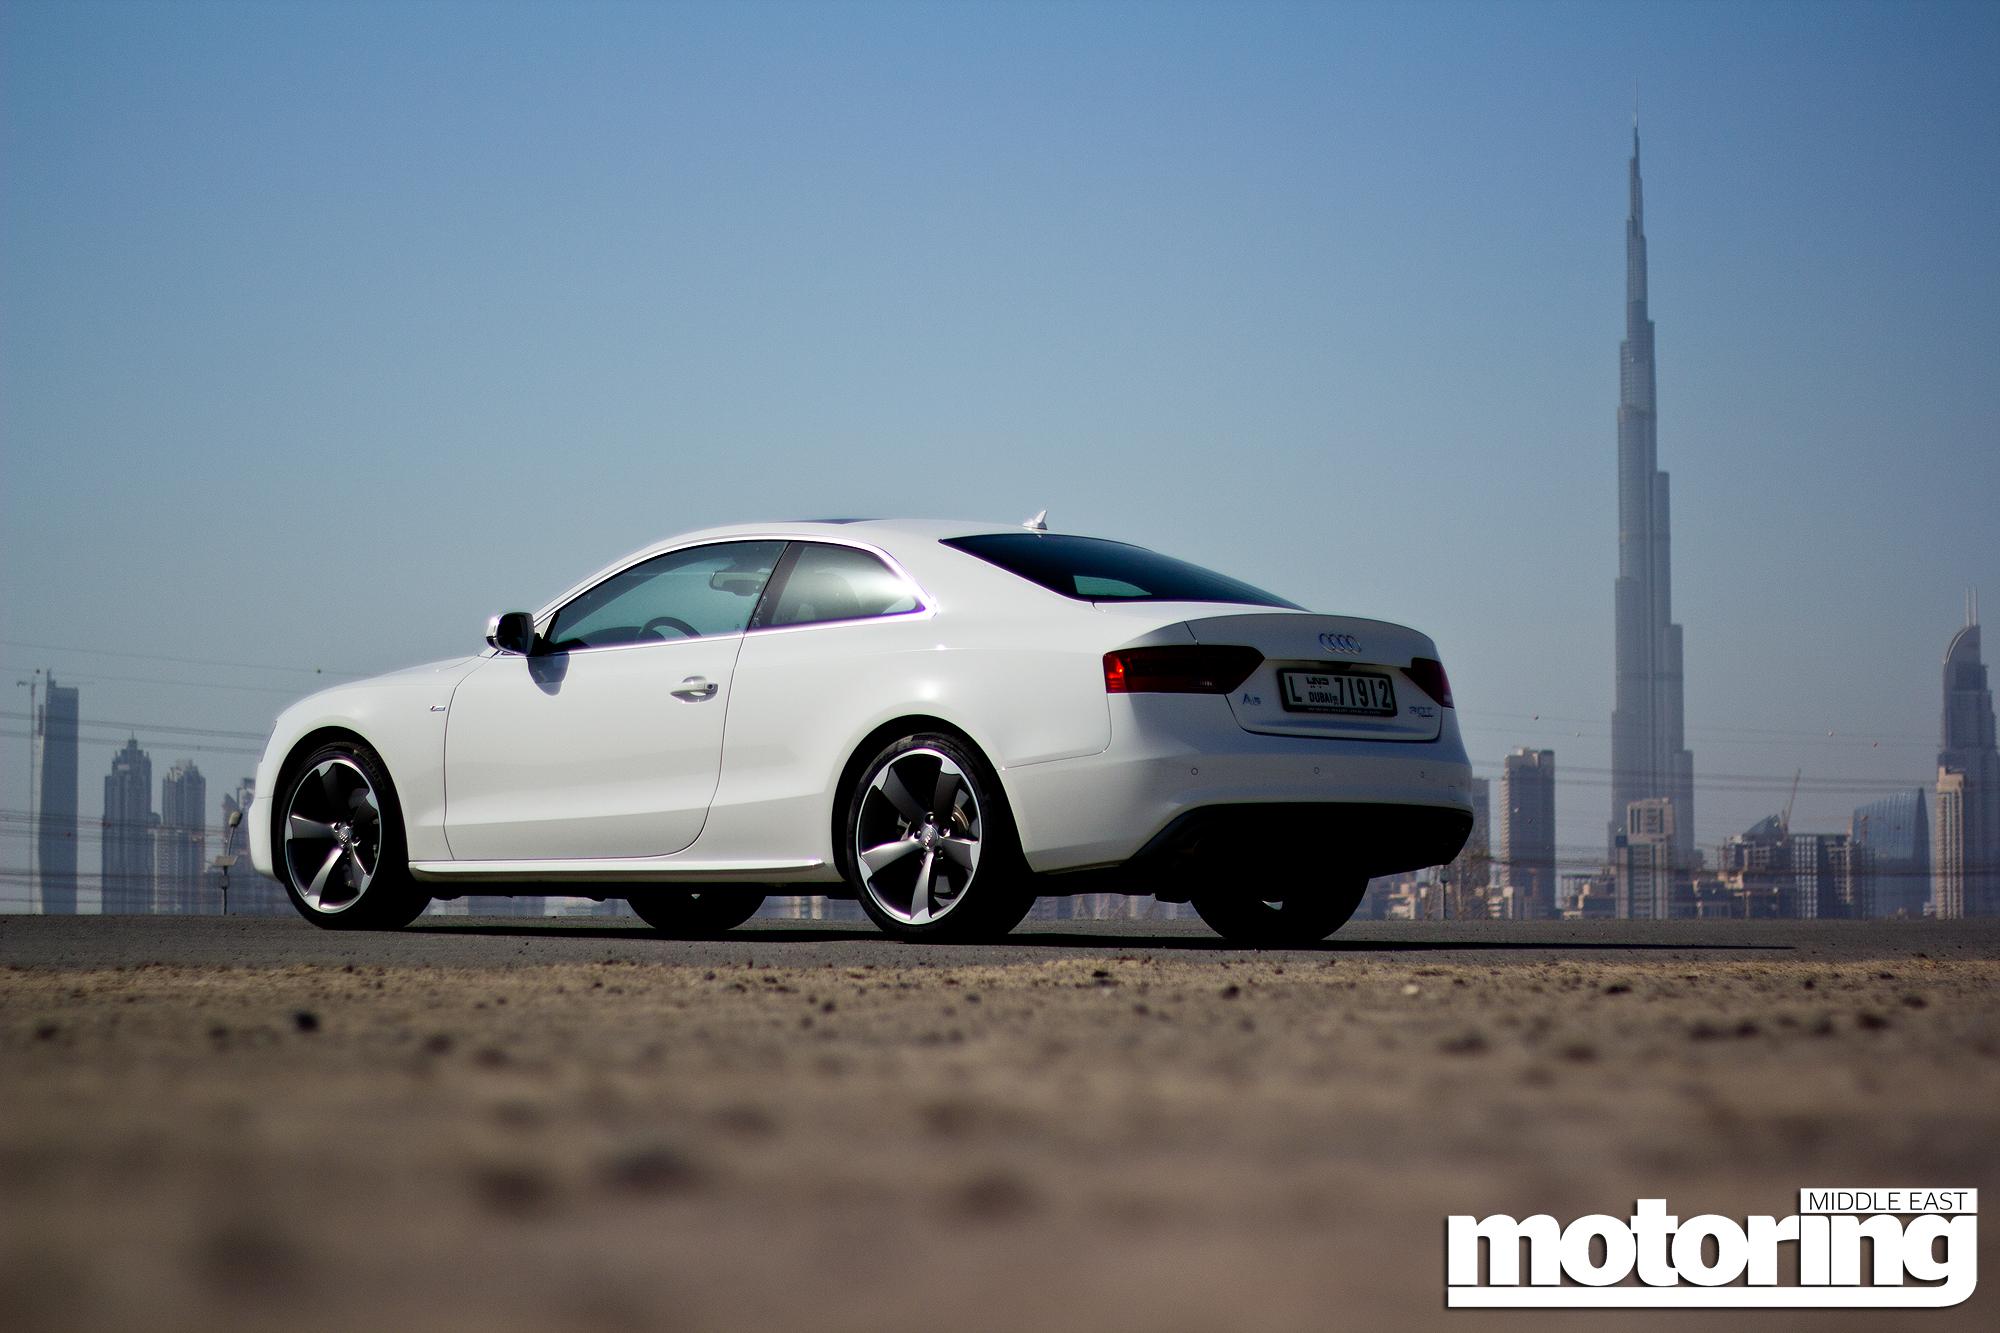 Kelebihan Audi A5 3.0 Top Model Tahun Ini